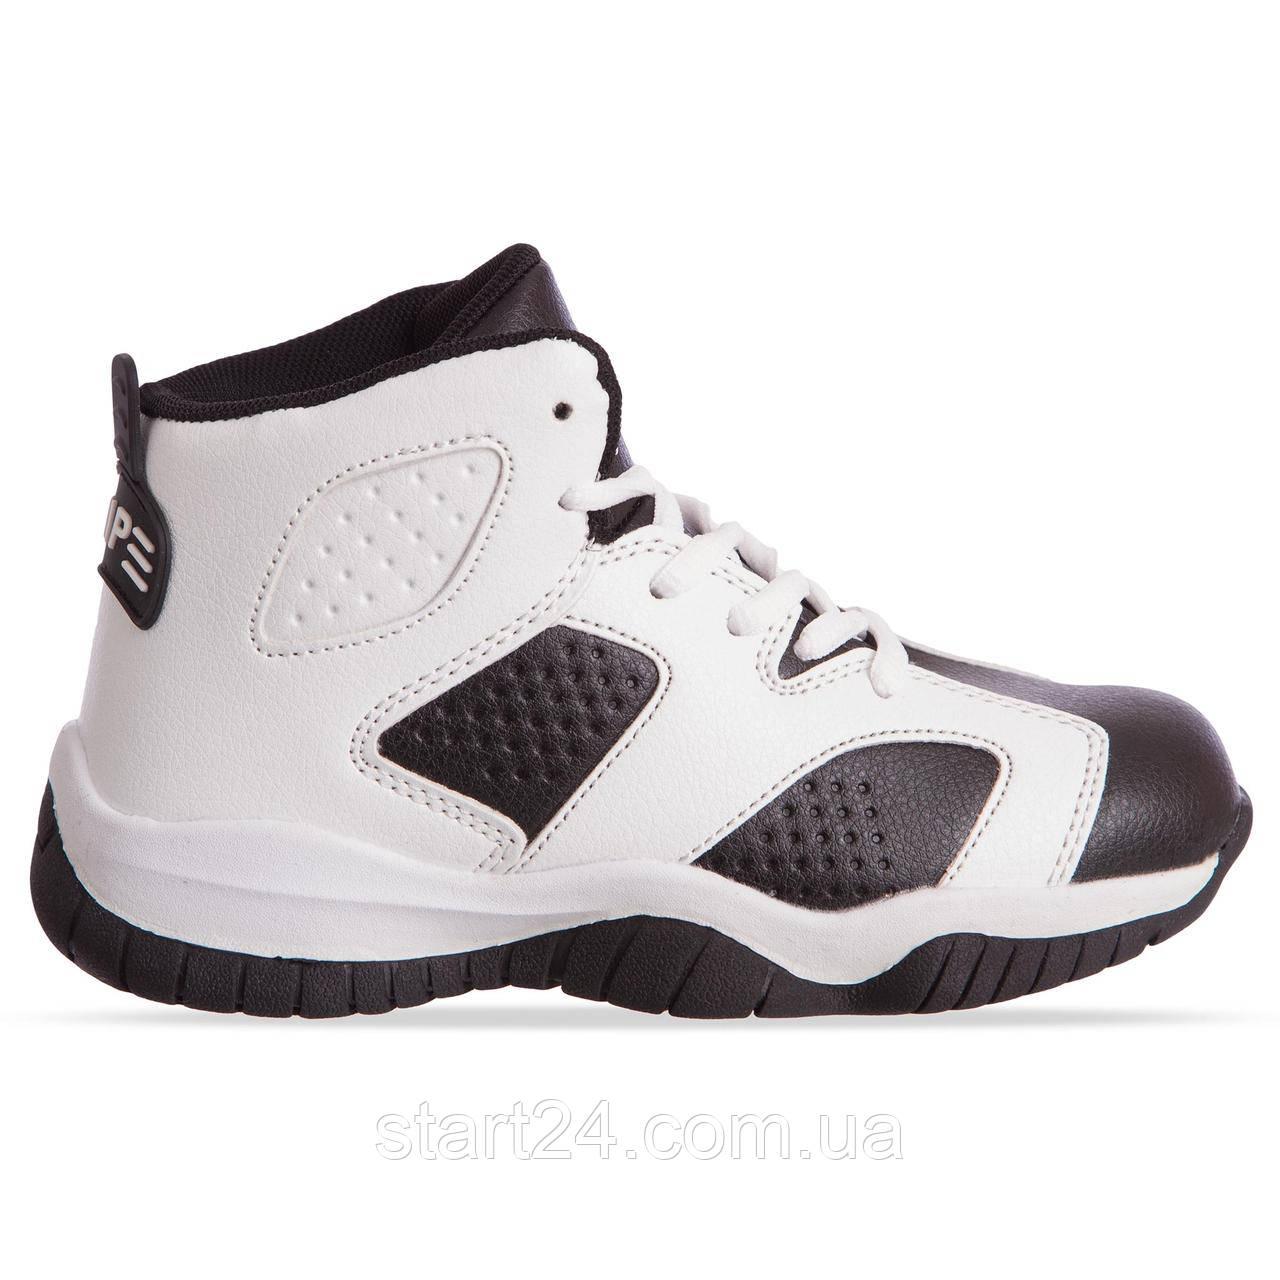 Кроссовки баскетбольные детские Jordan 1802-2 размер 31-35 BLACK/WHITE черный-белый